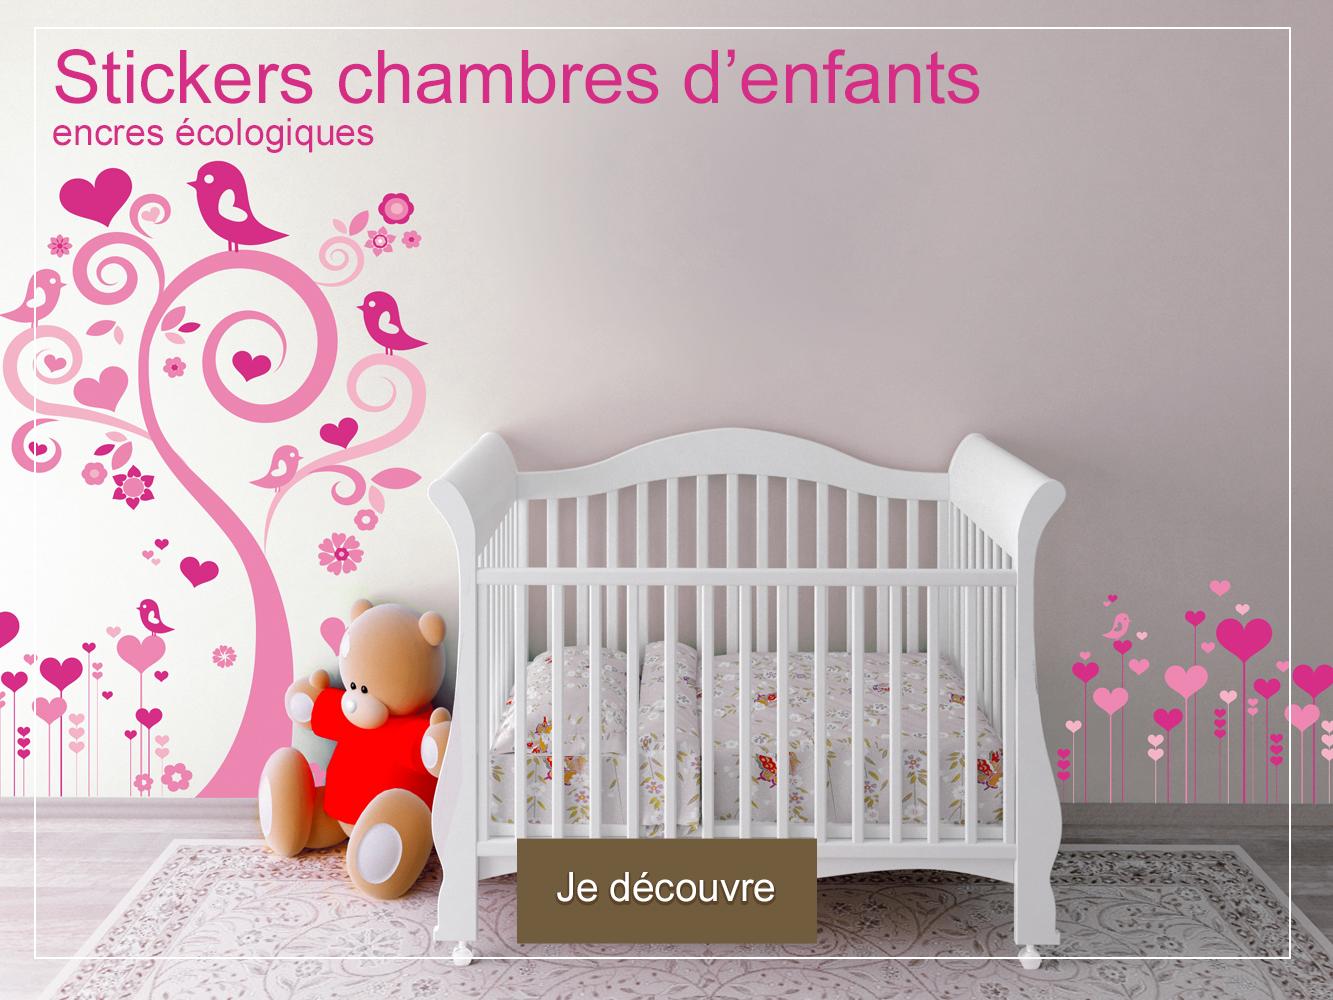 photo-stickers-chambre-d-enfants-bebe-arbre-et-frise-coeurs-DECO-VITRES